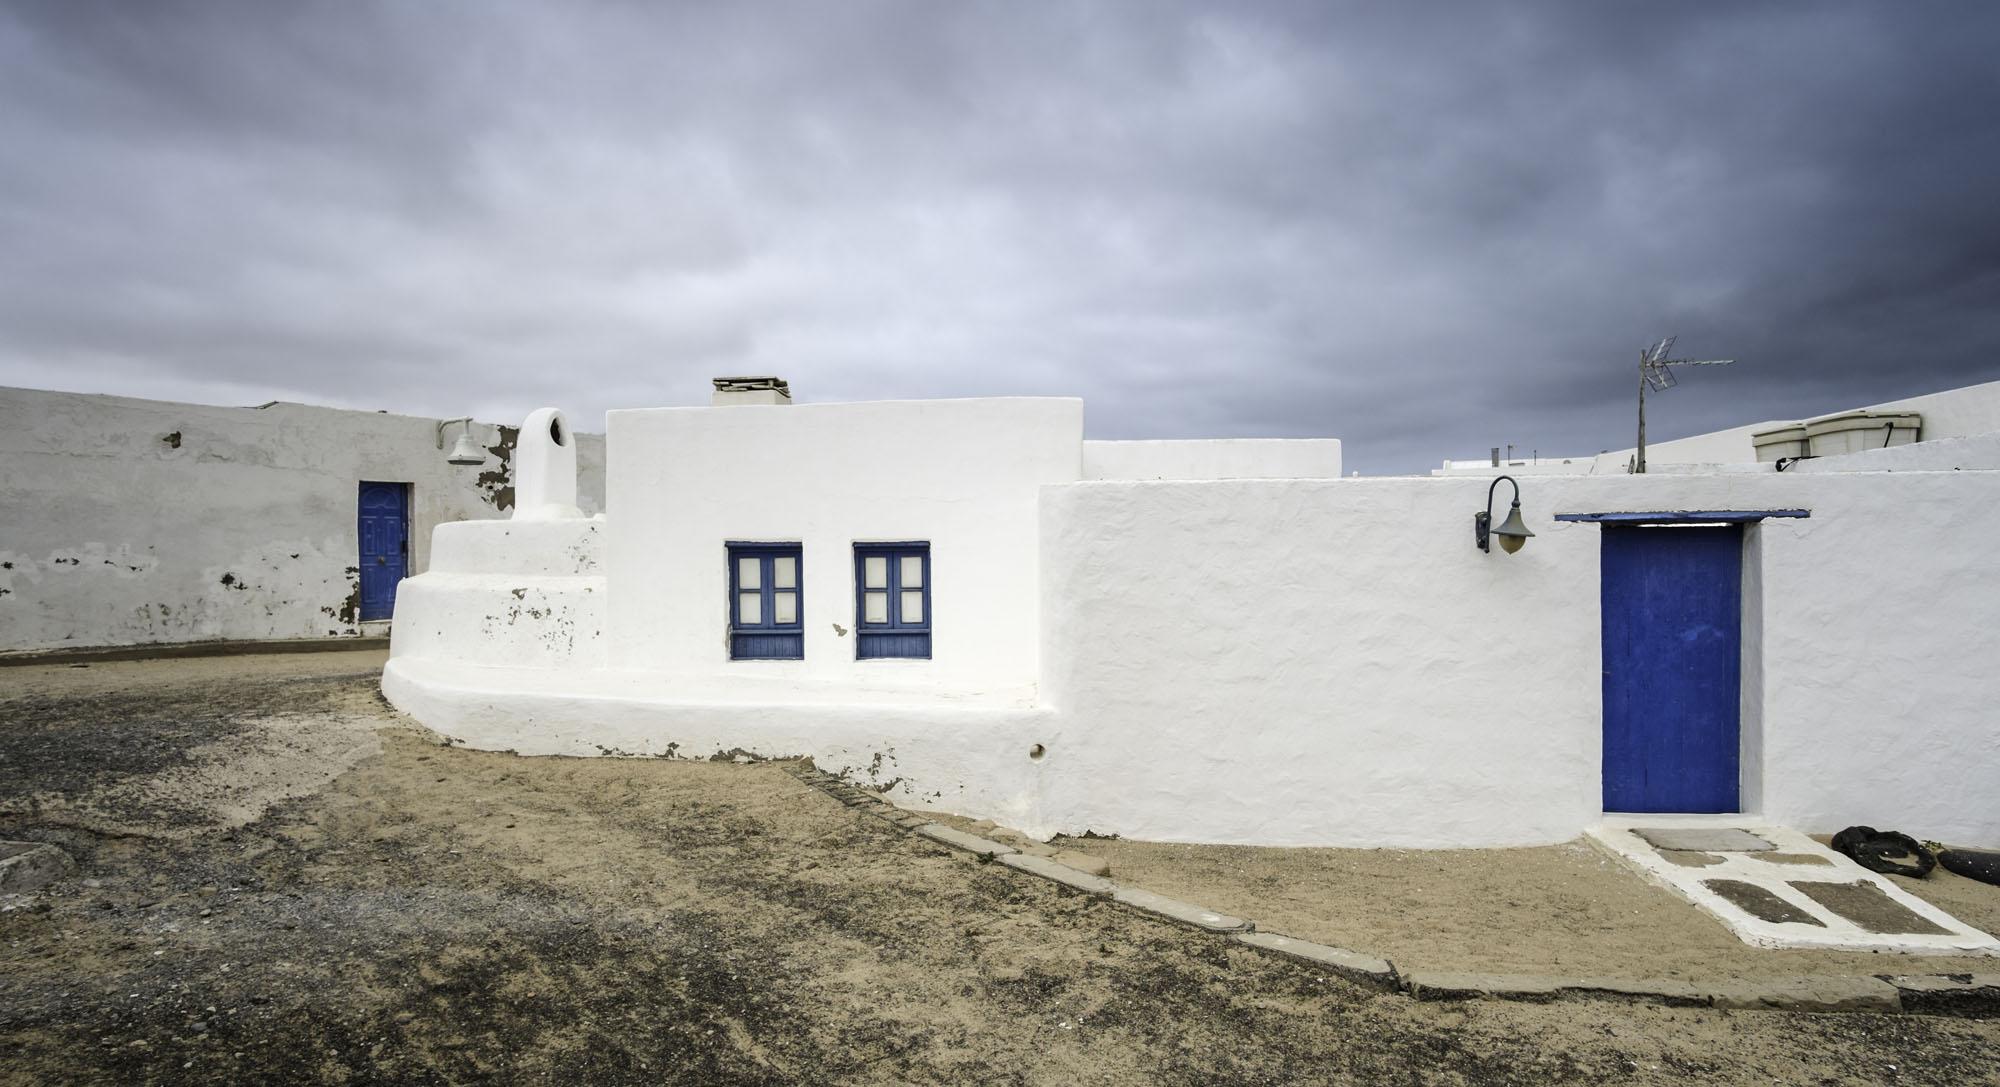 Casas de la localidad Caleta de Sebo.